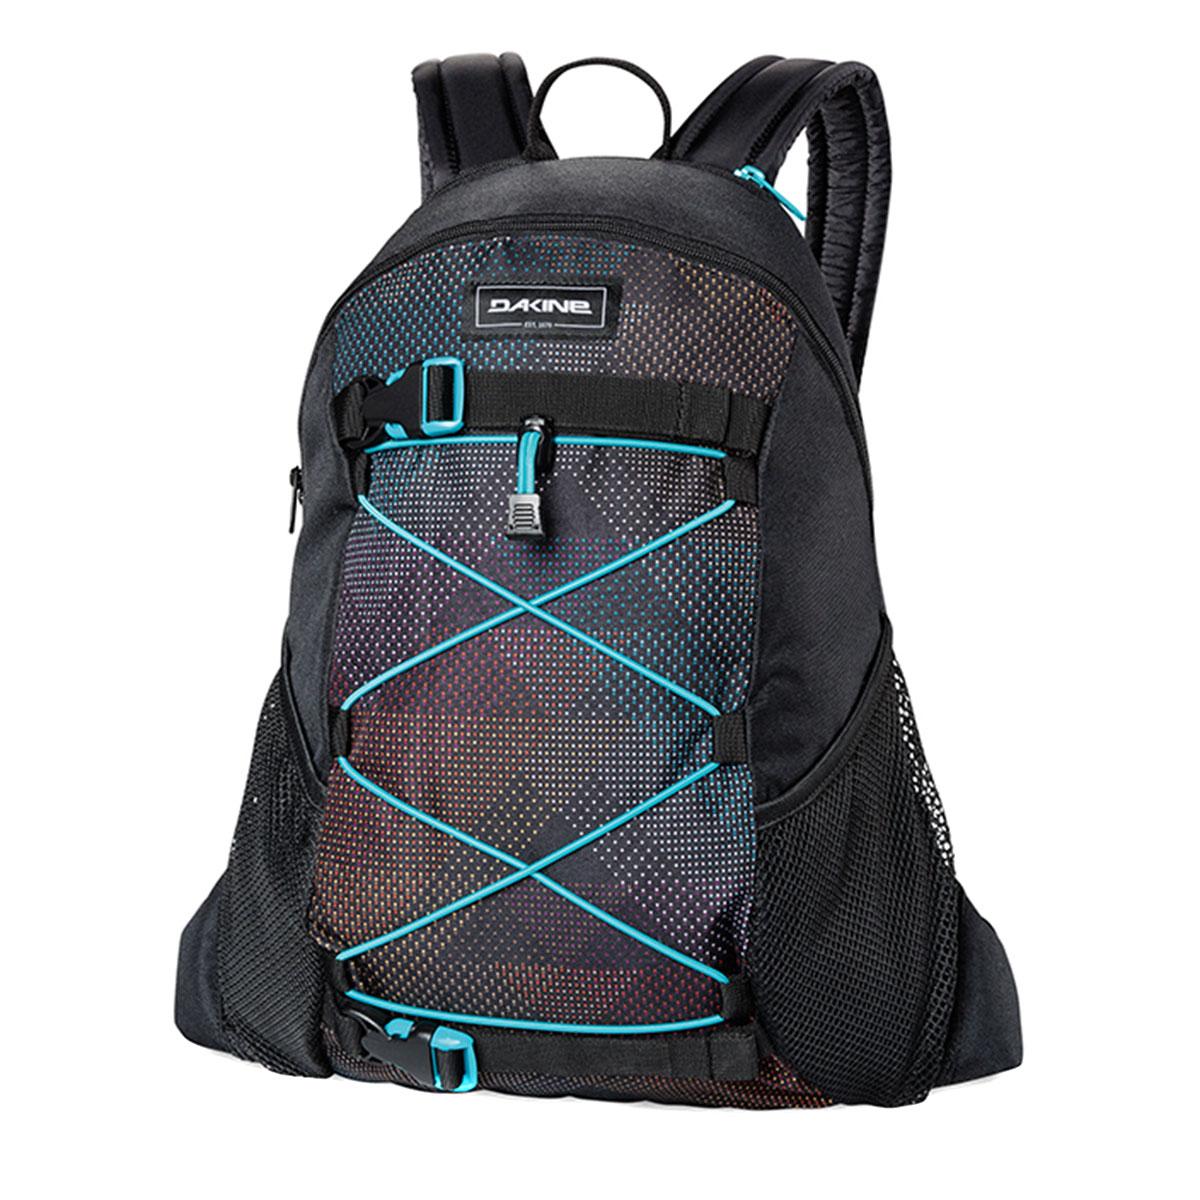 ddec9fc5b8ee Купить рюкзак спортивный Dakine Wonder 15 L Stella в интернет ...